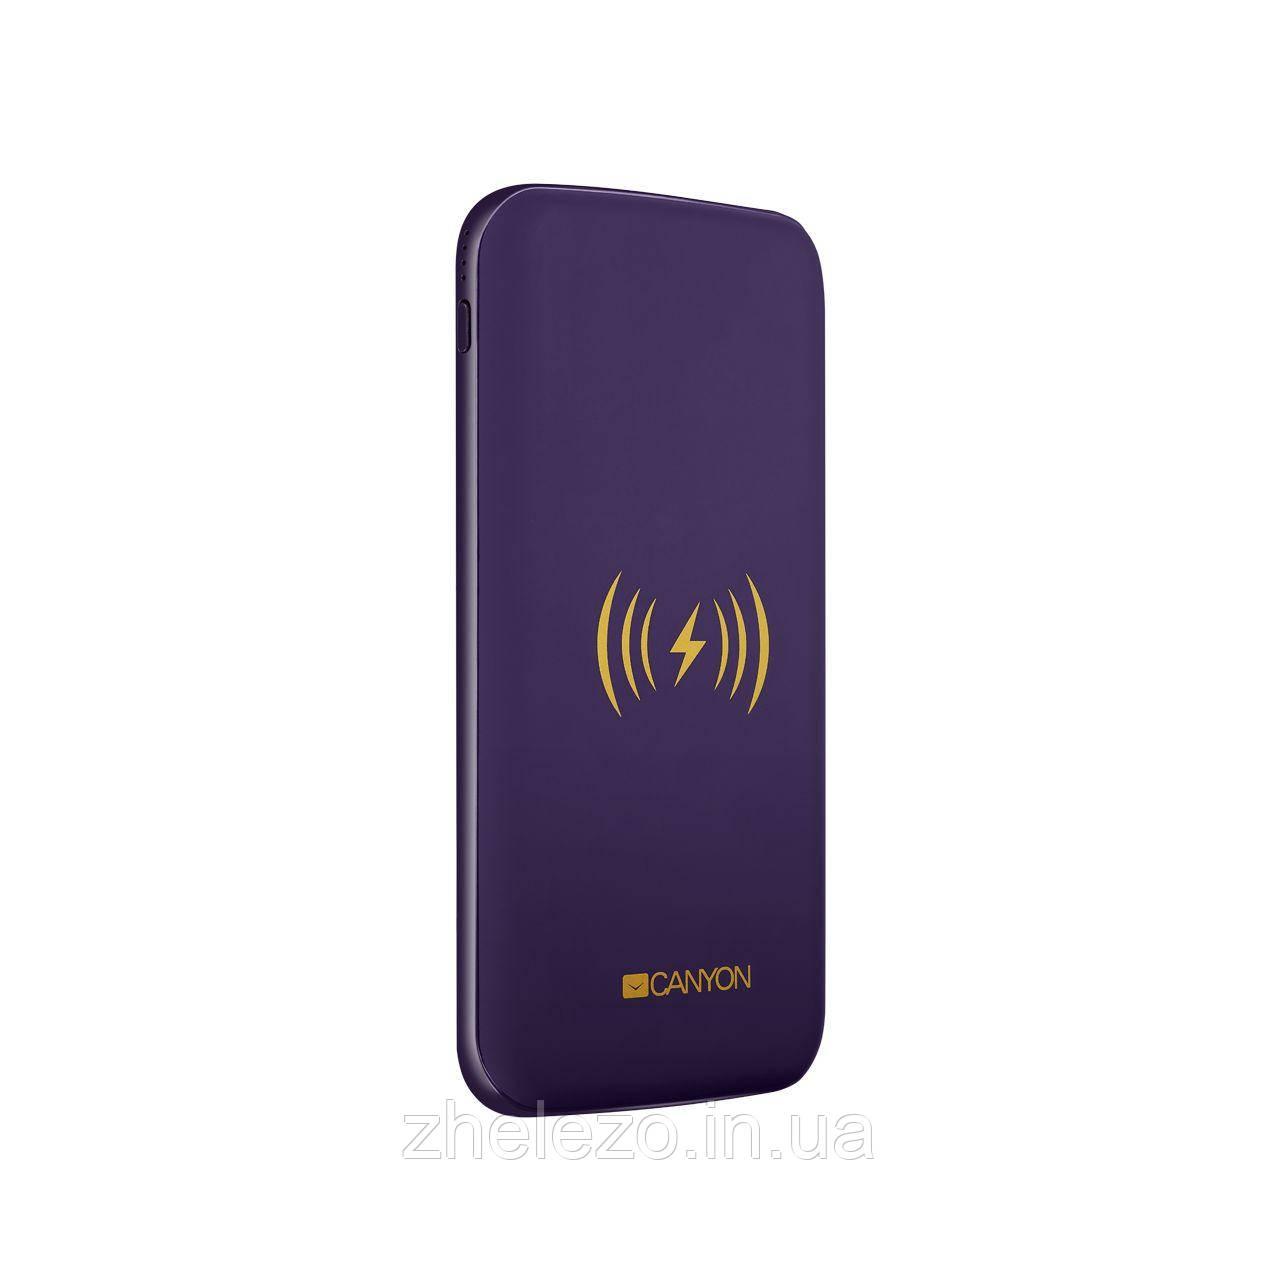 Бездротове зарядний пристрій Canyon CNS-TPBW8P Purple